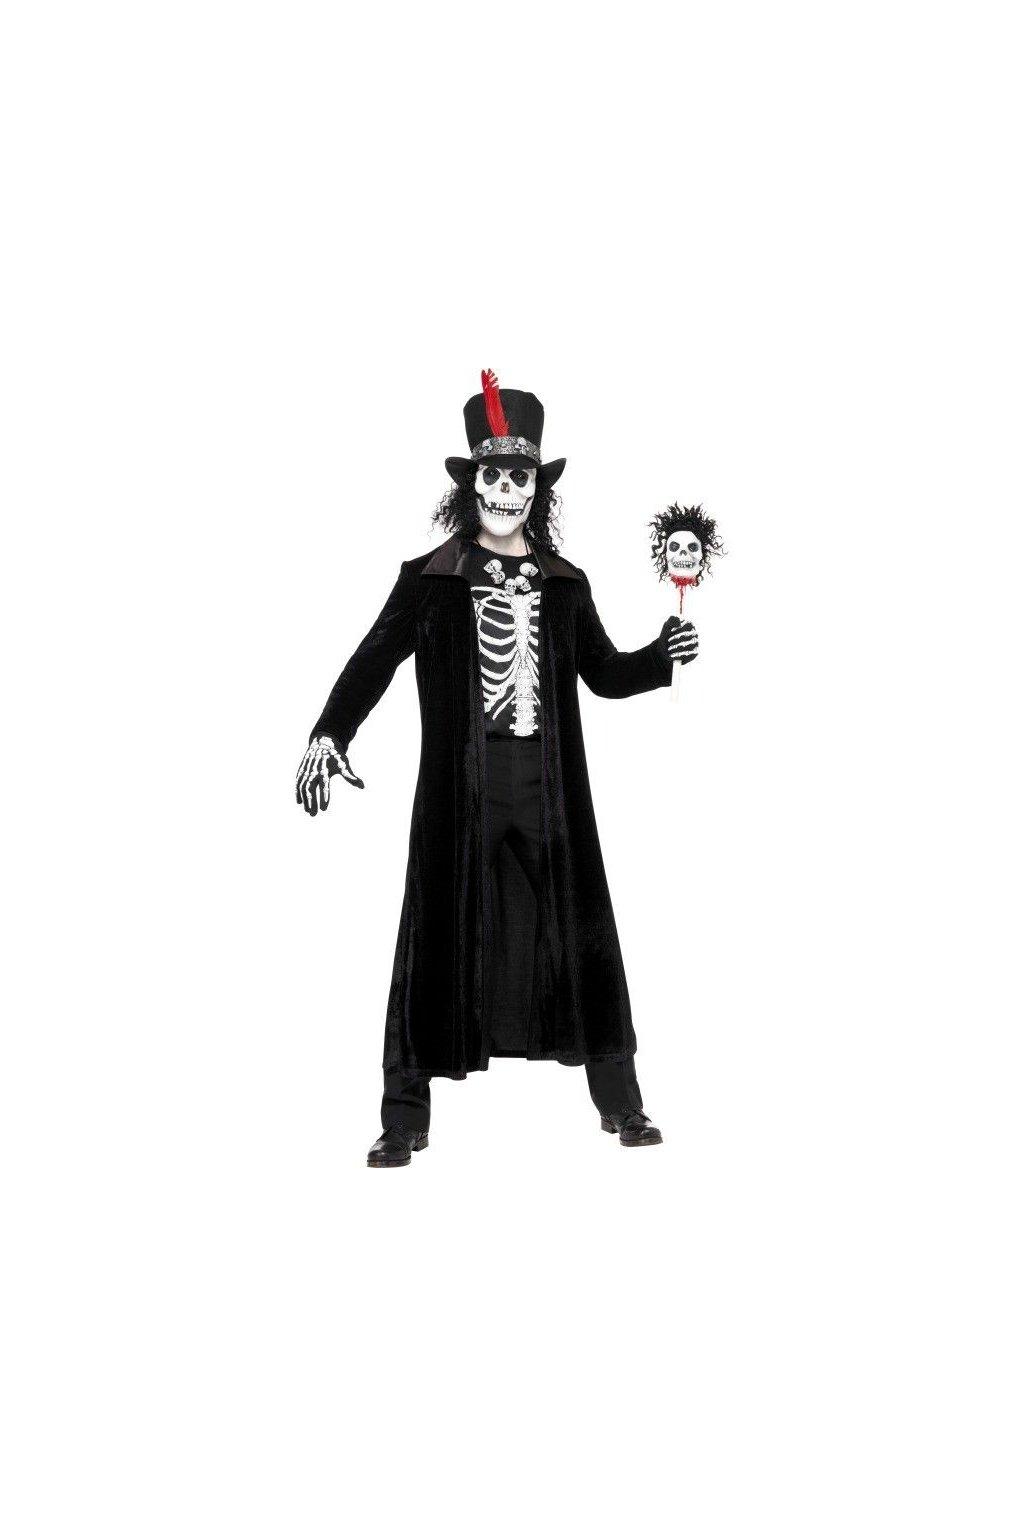 Voodoo man kostým - zaklínač